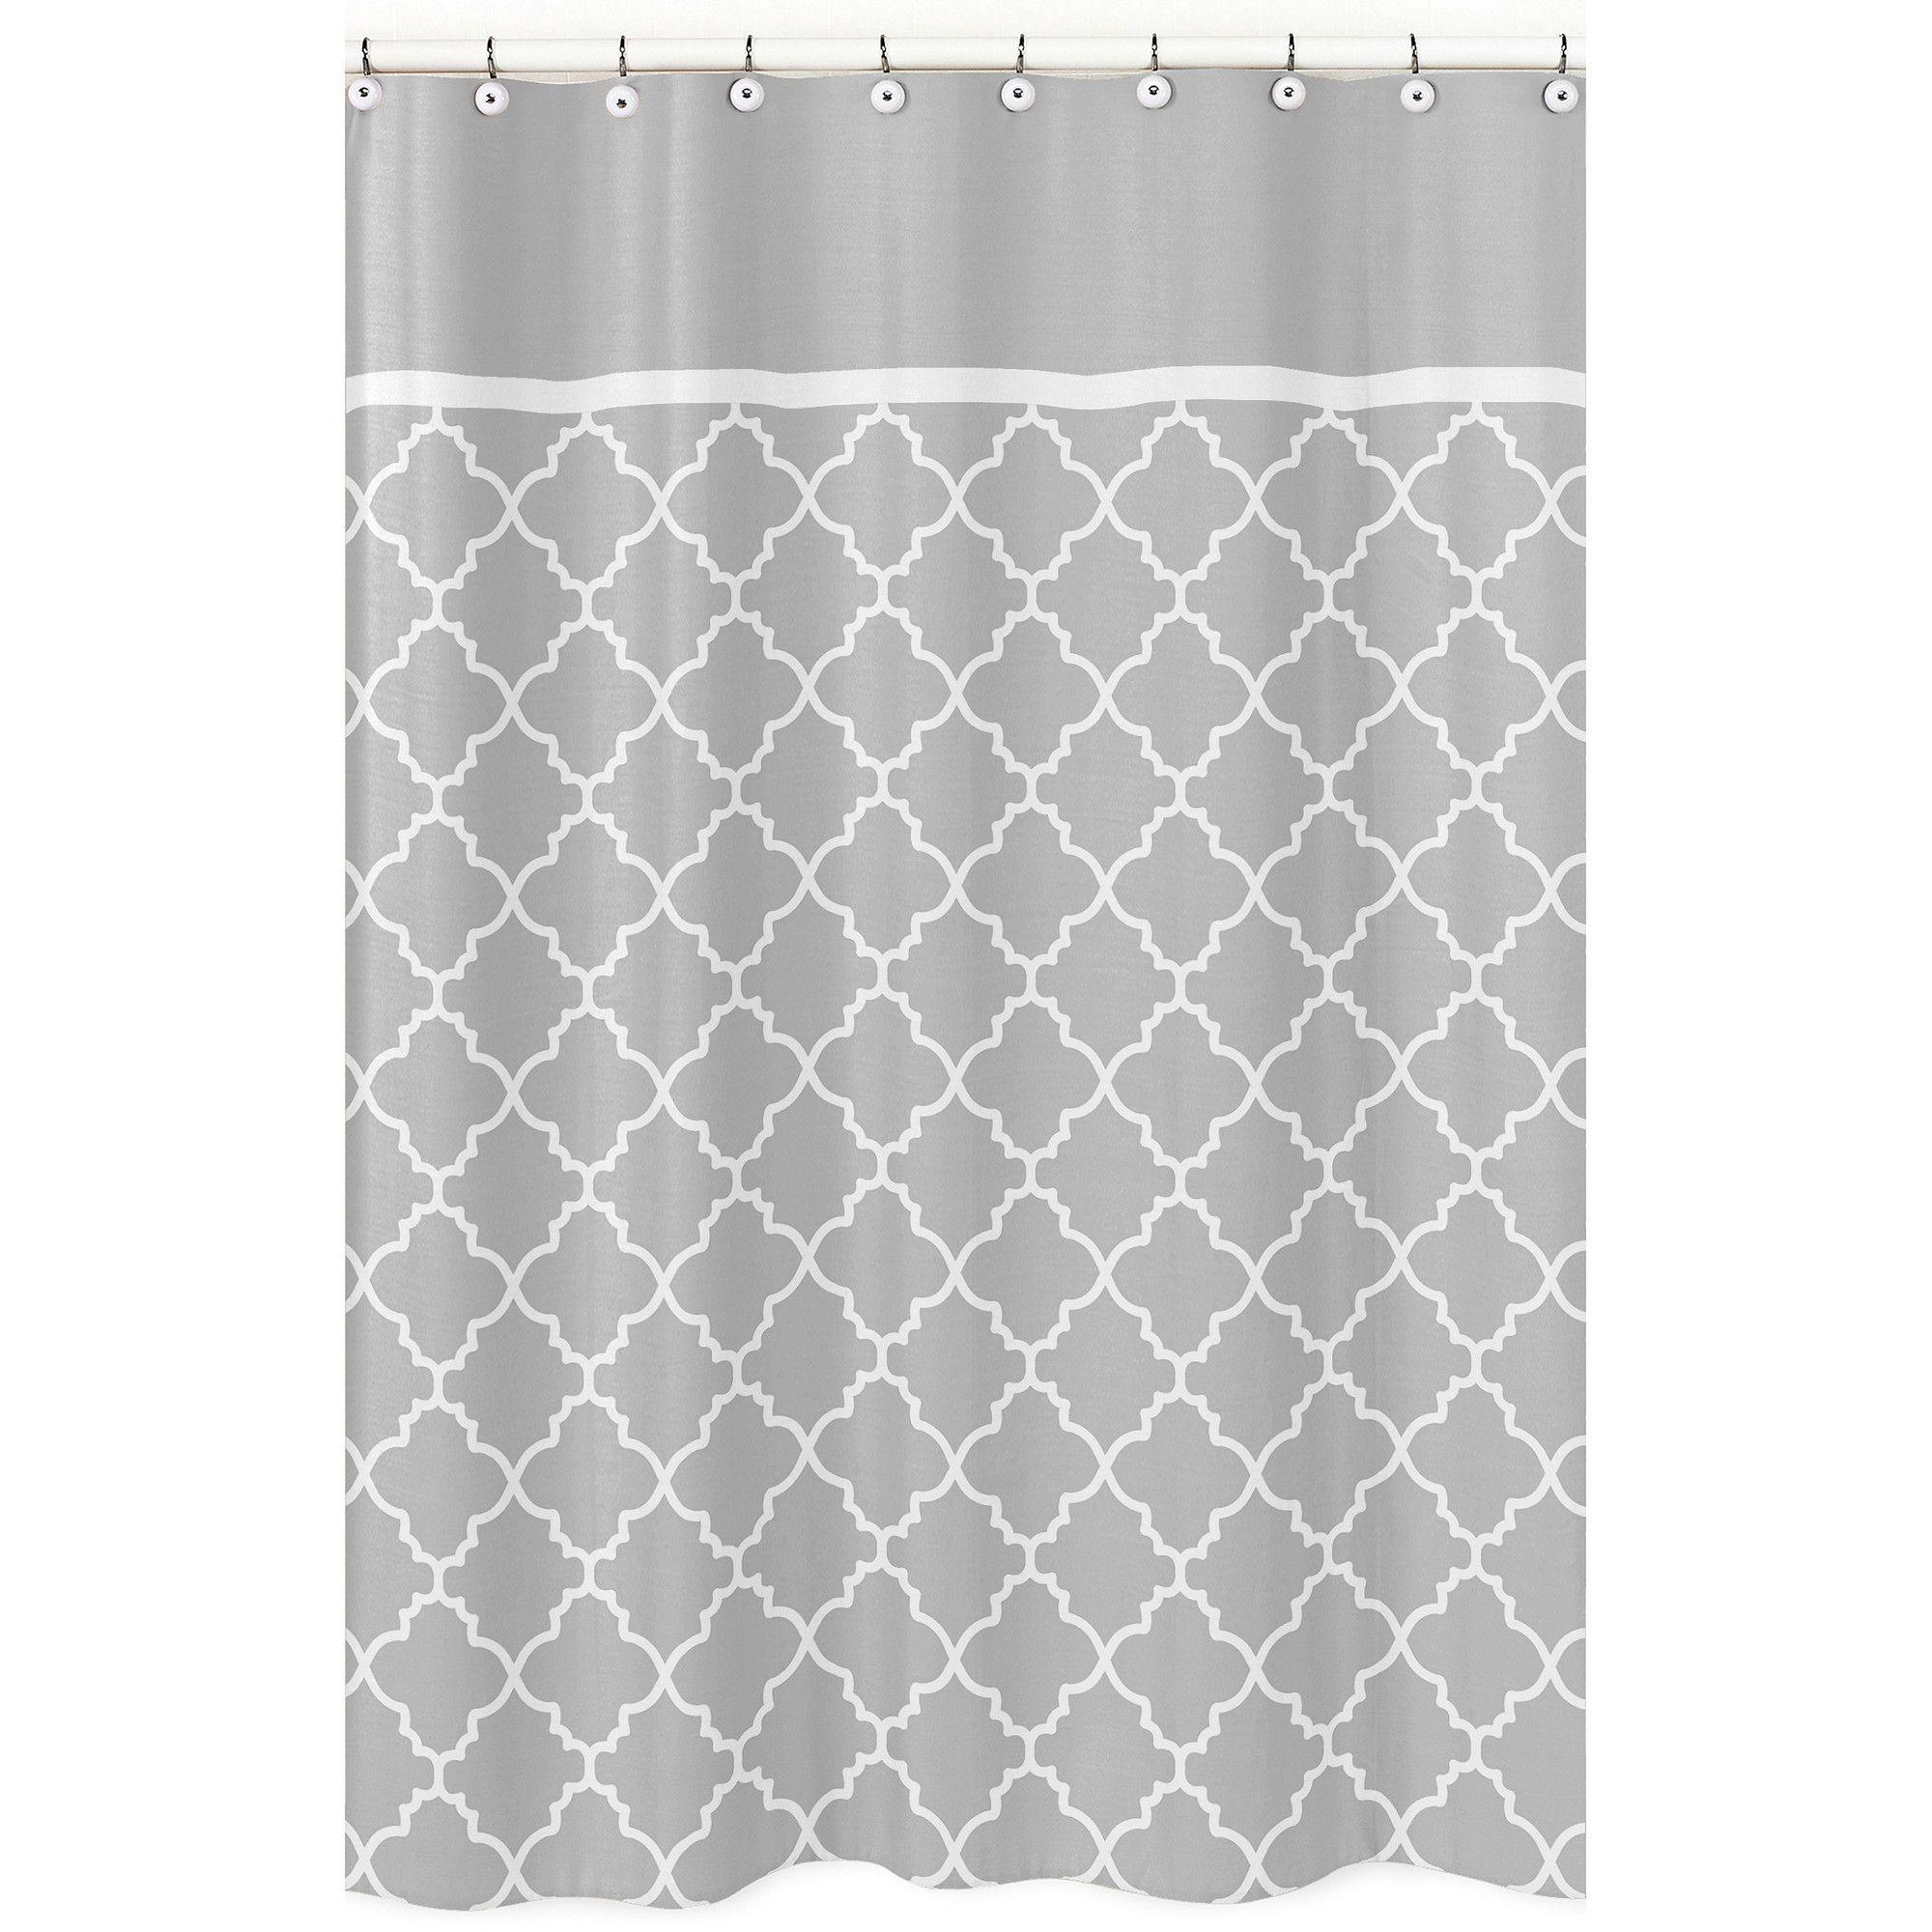 Trellis Brushed Microfiber Shower Curtain Patterned Shower